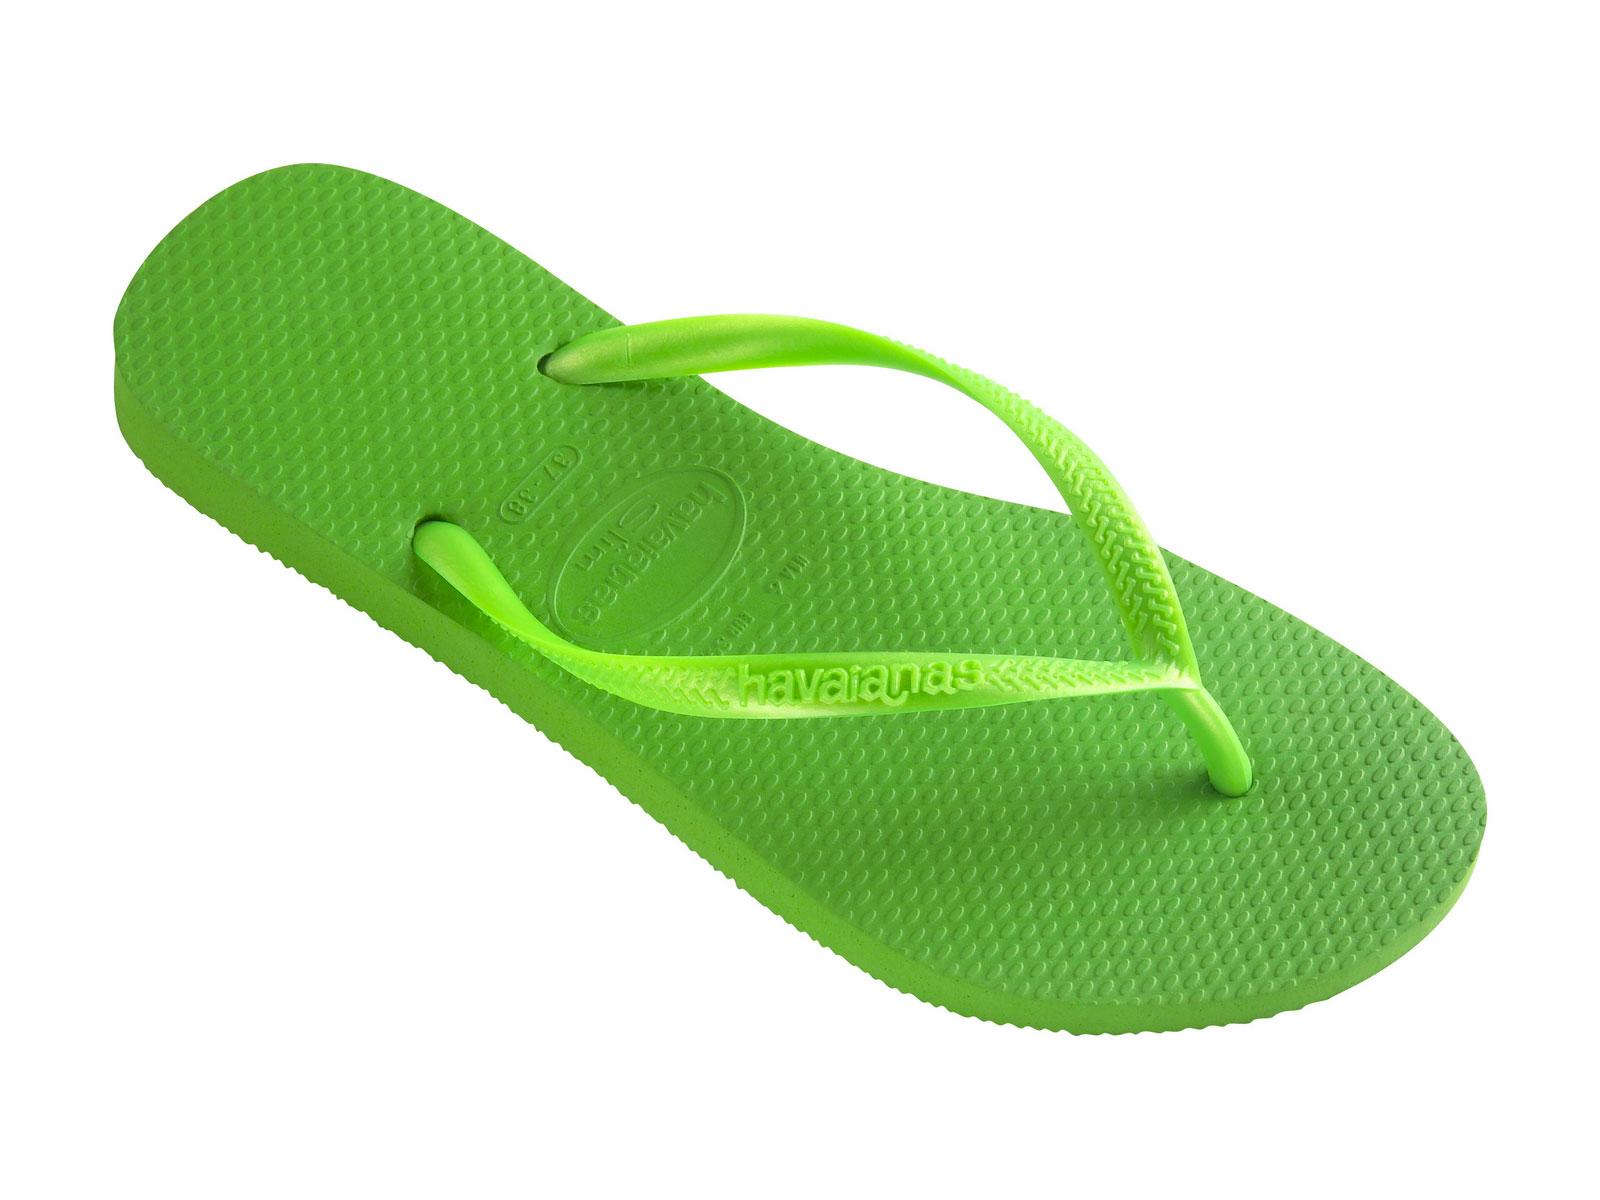 Flip Flops Flip Flops Slim Neon Green Brand Havaianas